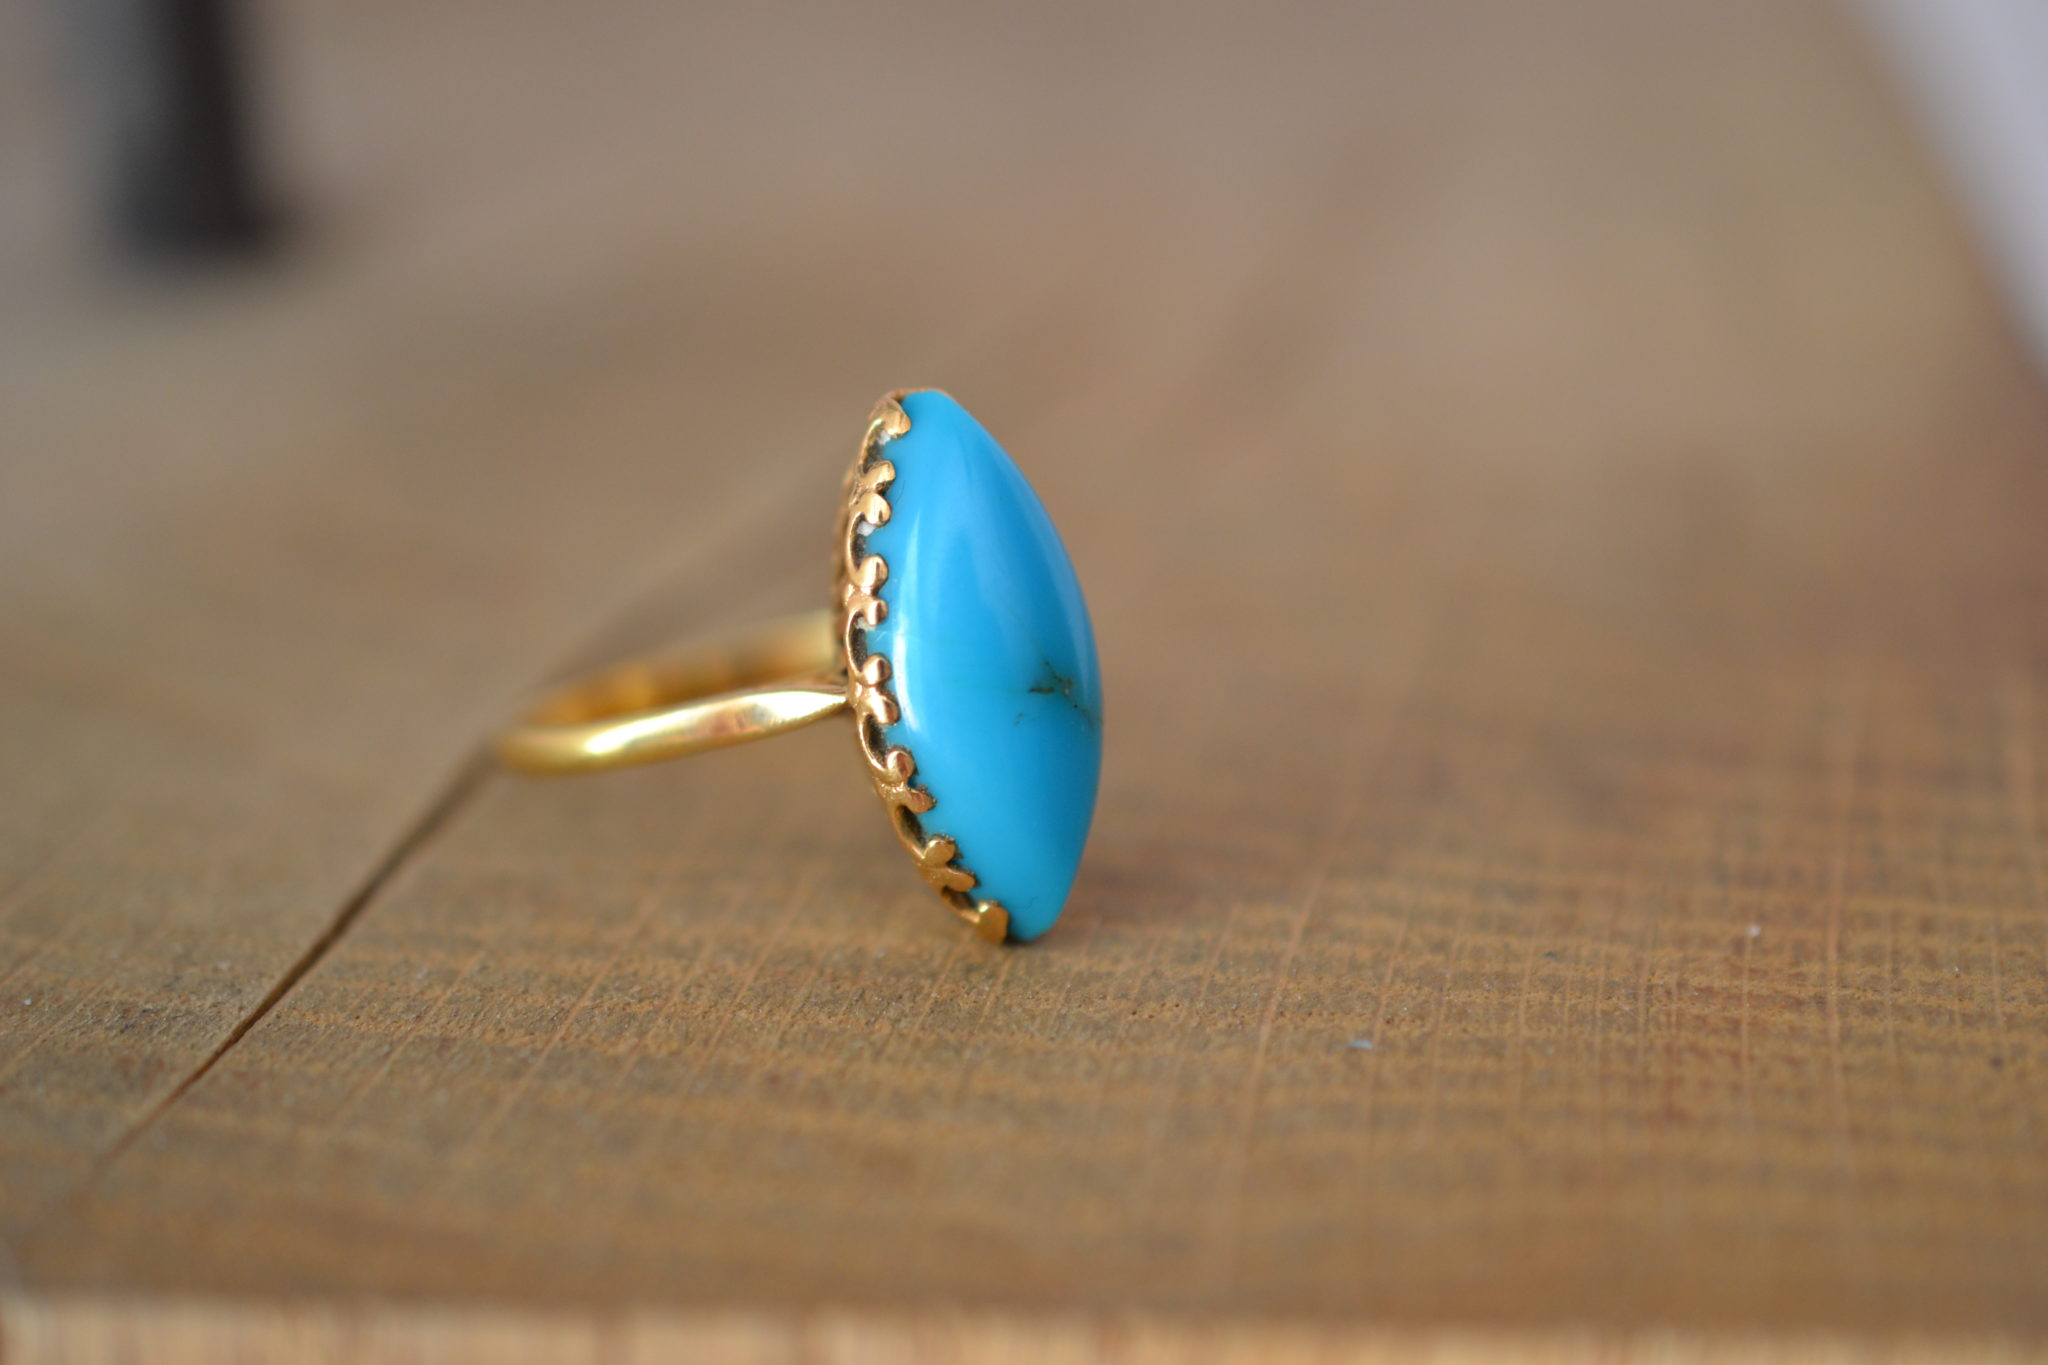 Bague Navette Turquoise Cabochon - Monture En Or Jaune 18 Carats - Bijoux Vintage En Or Pur